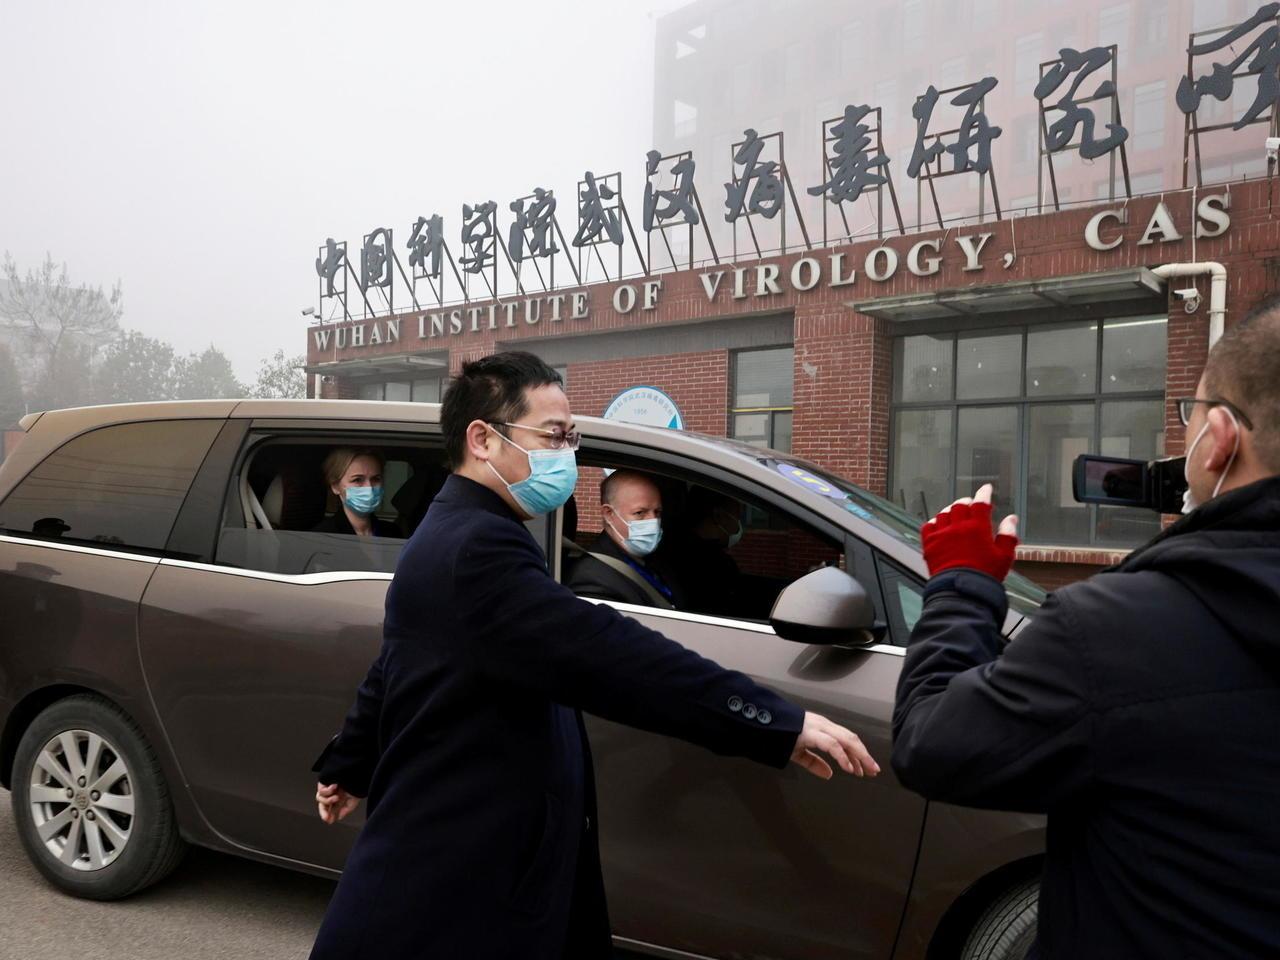 Peter Daszak et Thea Fischern deux des enquêteurs de l'Organisation mondiale de la santé (OMS), arrivent à l'Institut de virologie de Wuhan, le 3 février 2021.(Source : France 24)